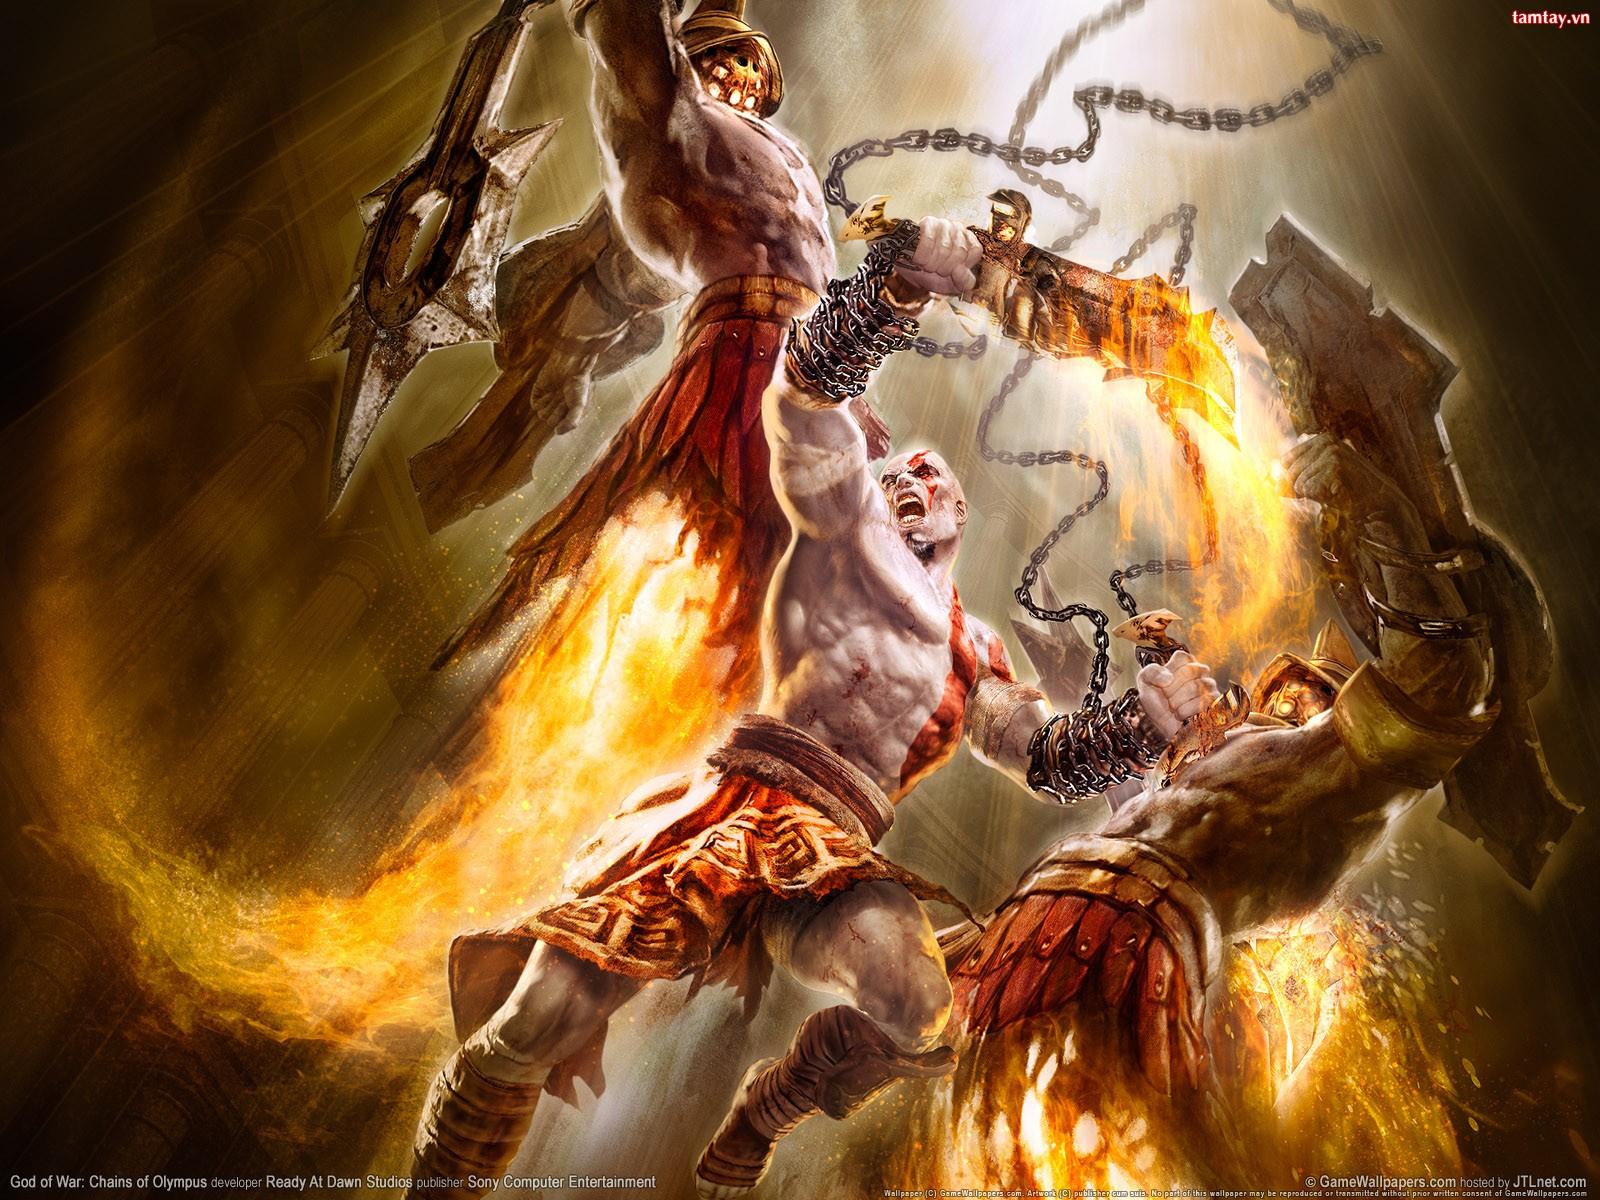 http://2.bp.blogspot.com/-r6BPr0ti6Lg/T0MkIRaOA6I/AAAAAAAACrw/LO8kTXoLkQs/s1600/God+of+War+4.jpg